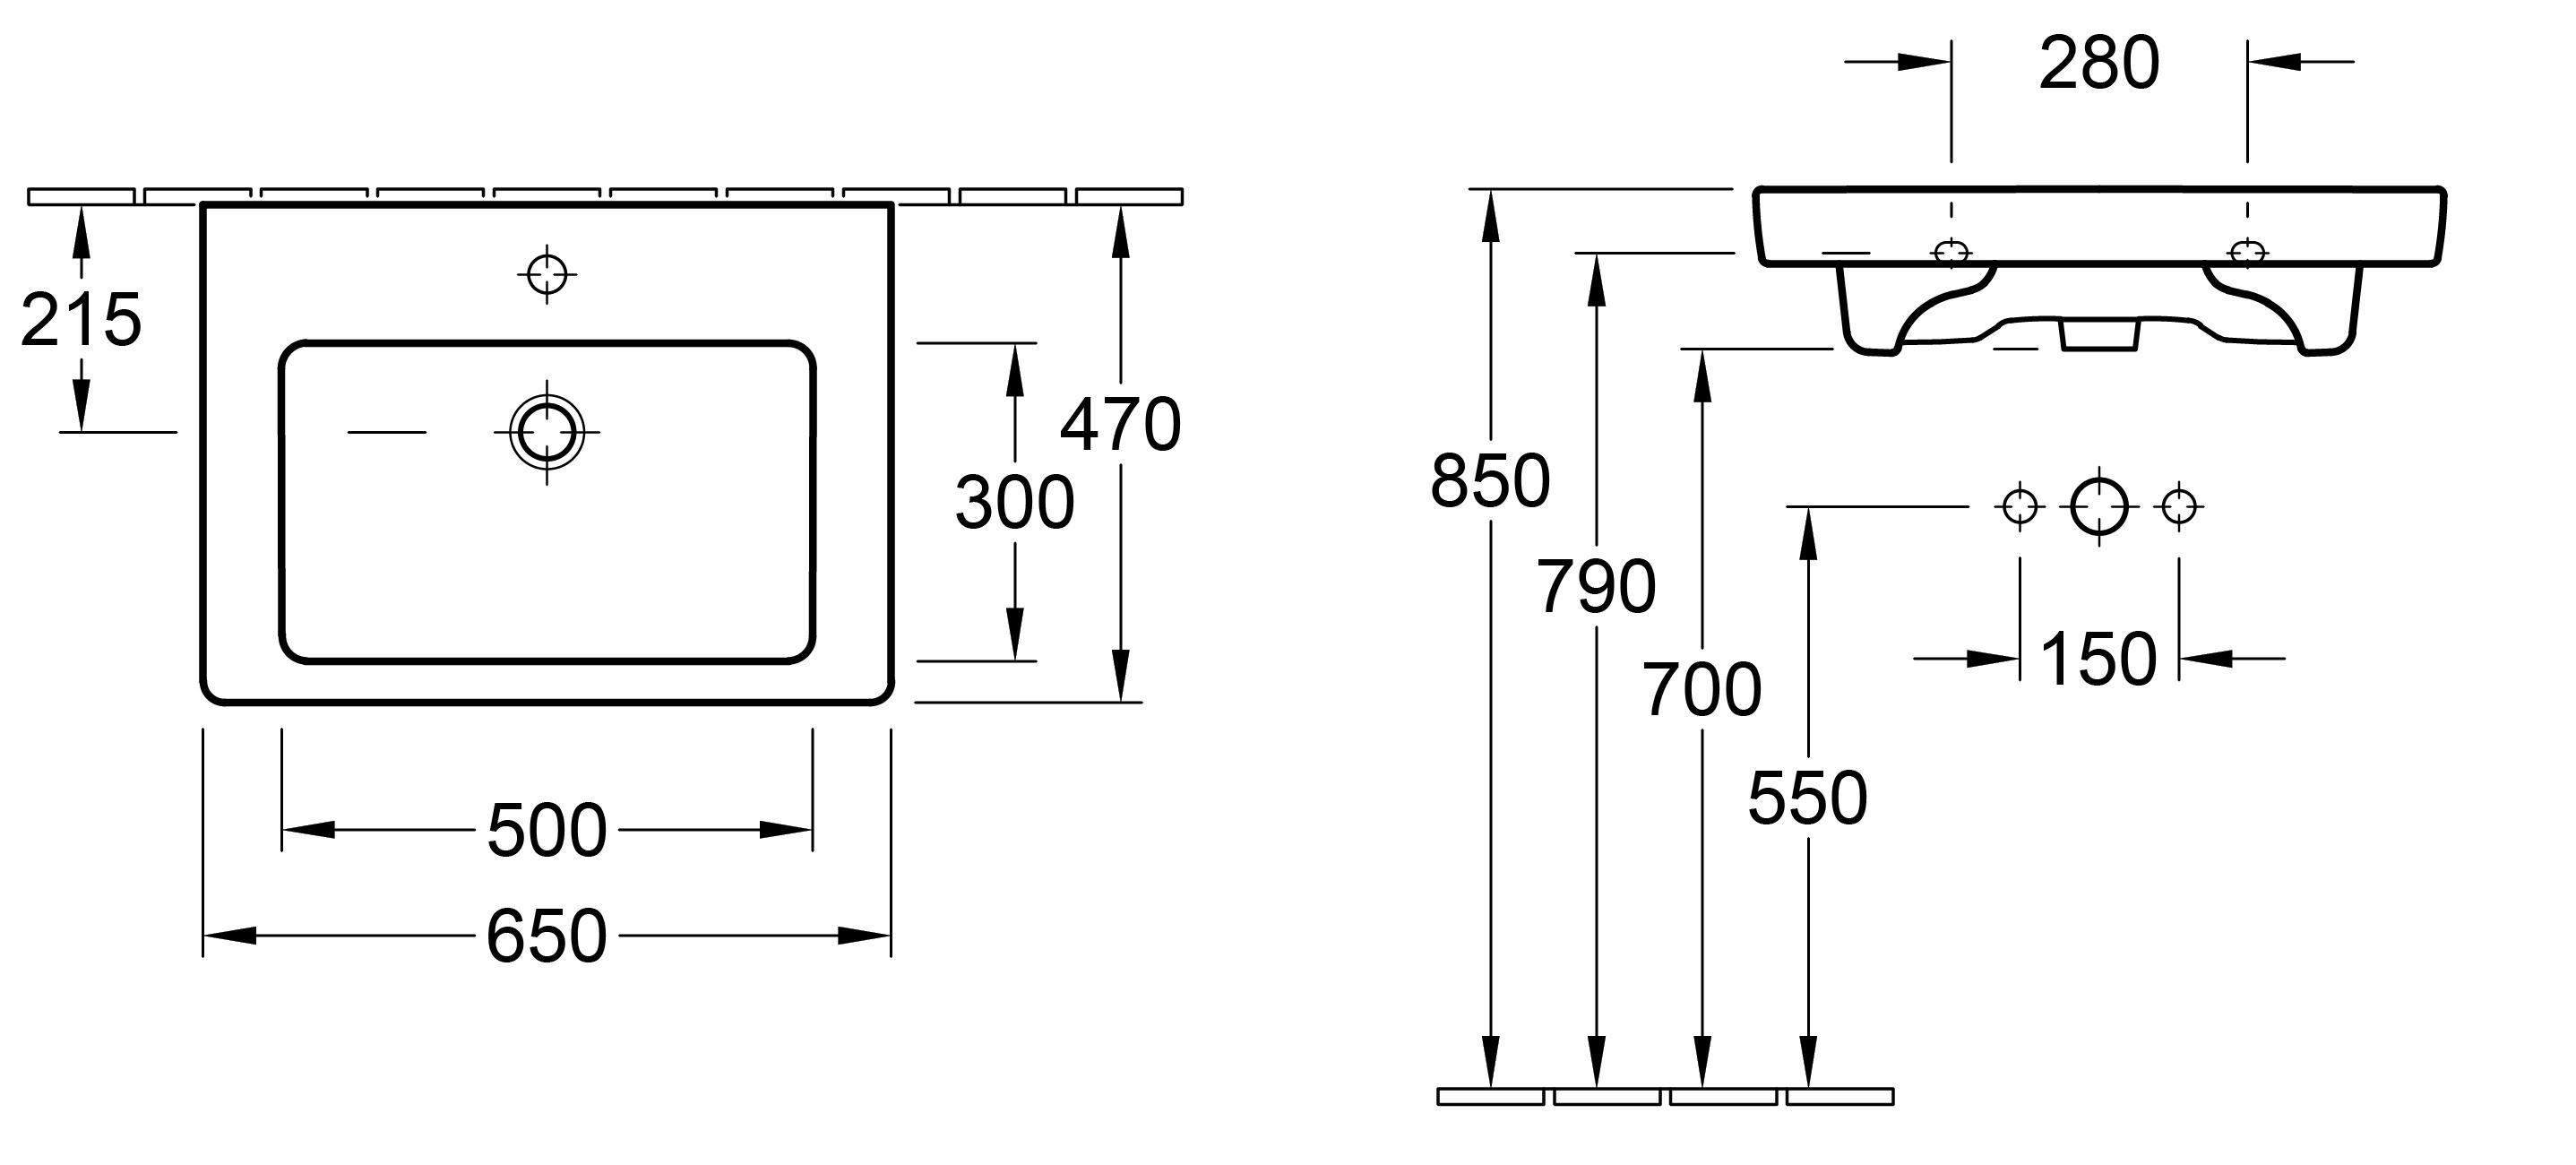 Subway 650 Wall Basin